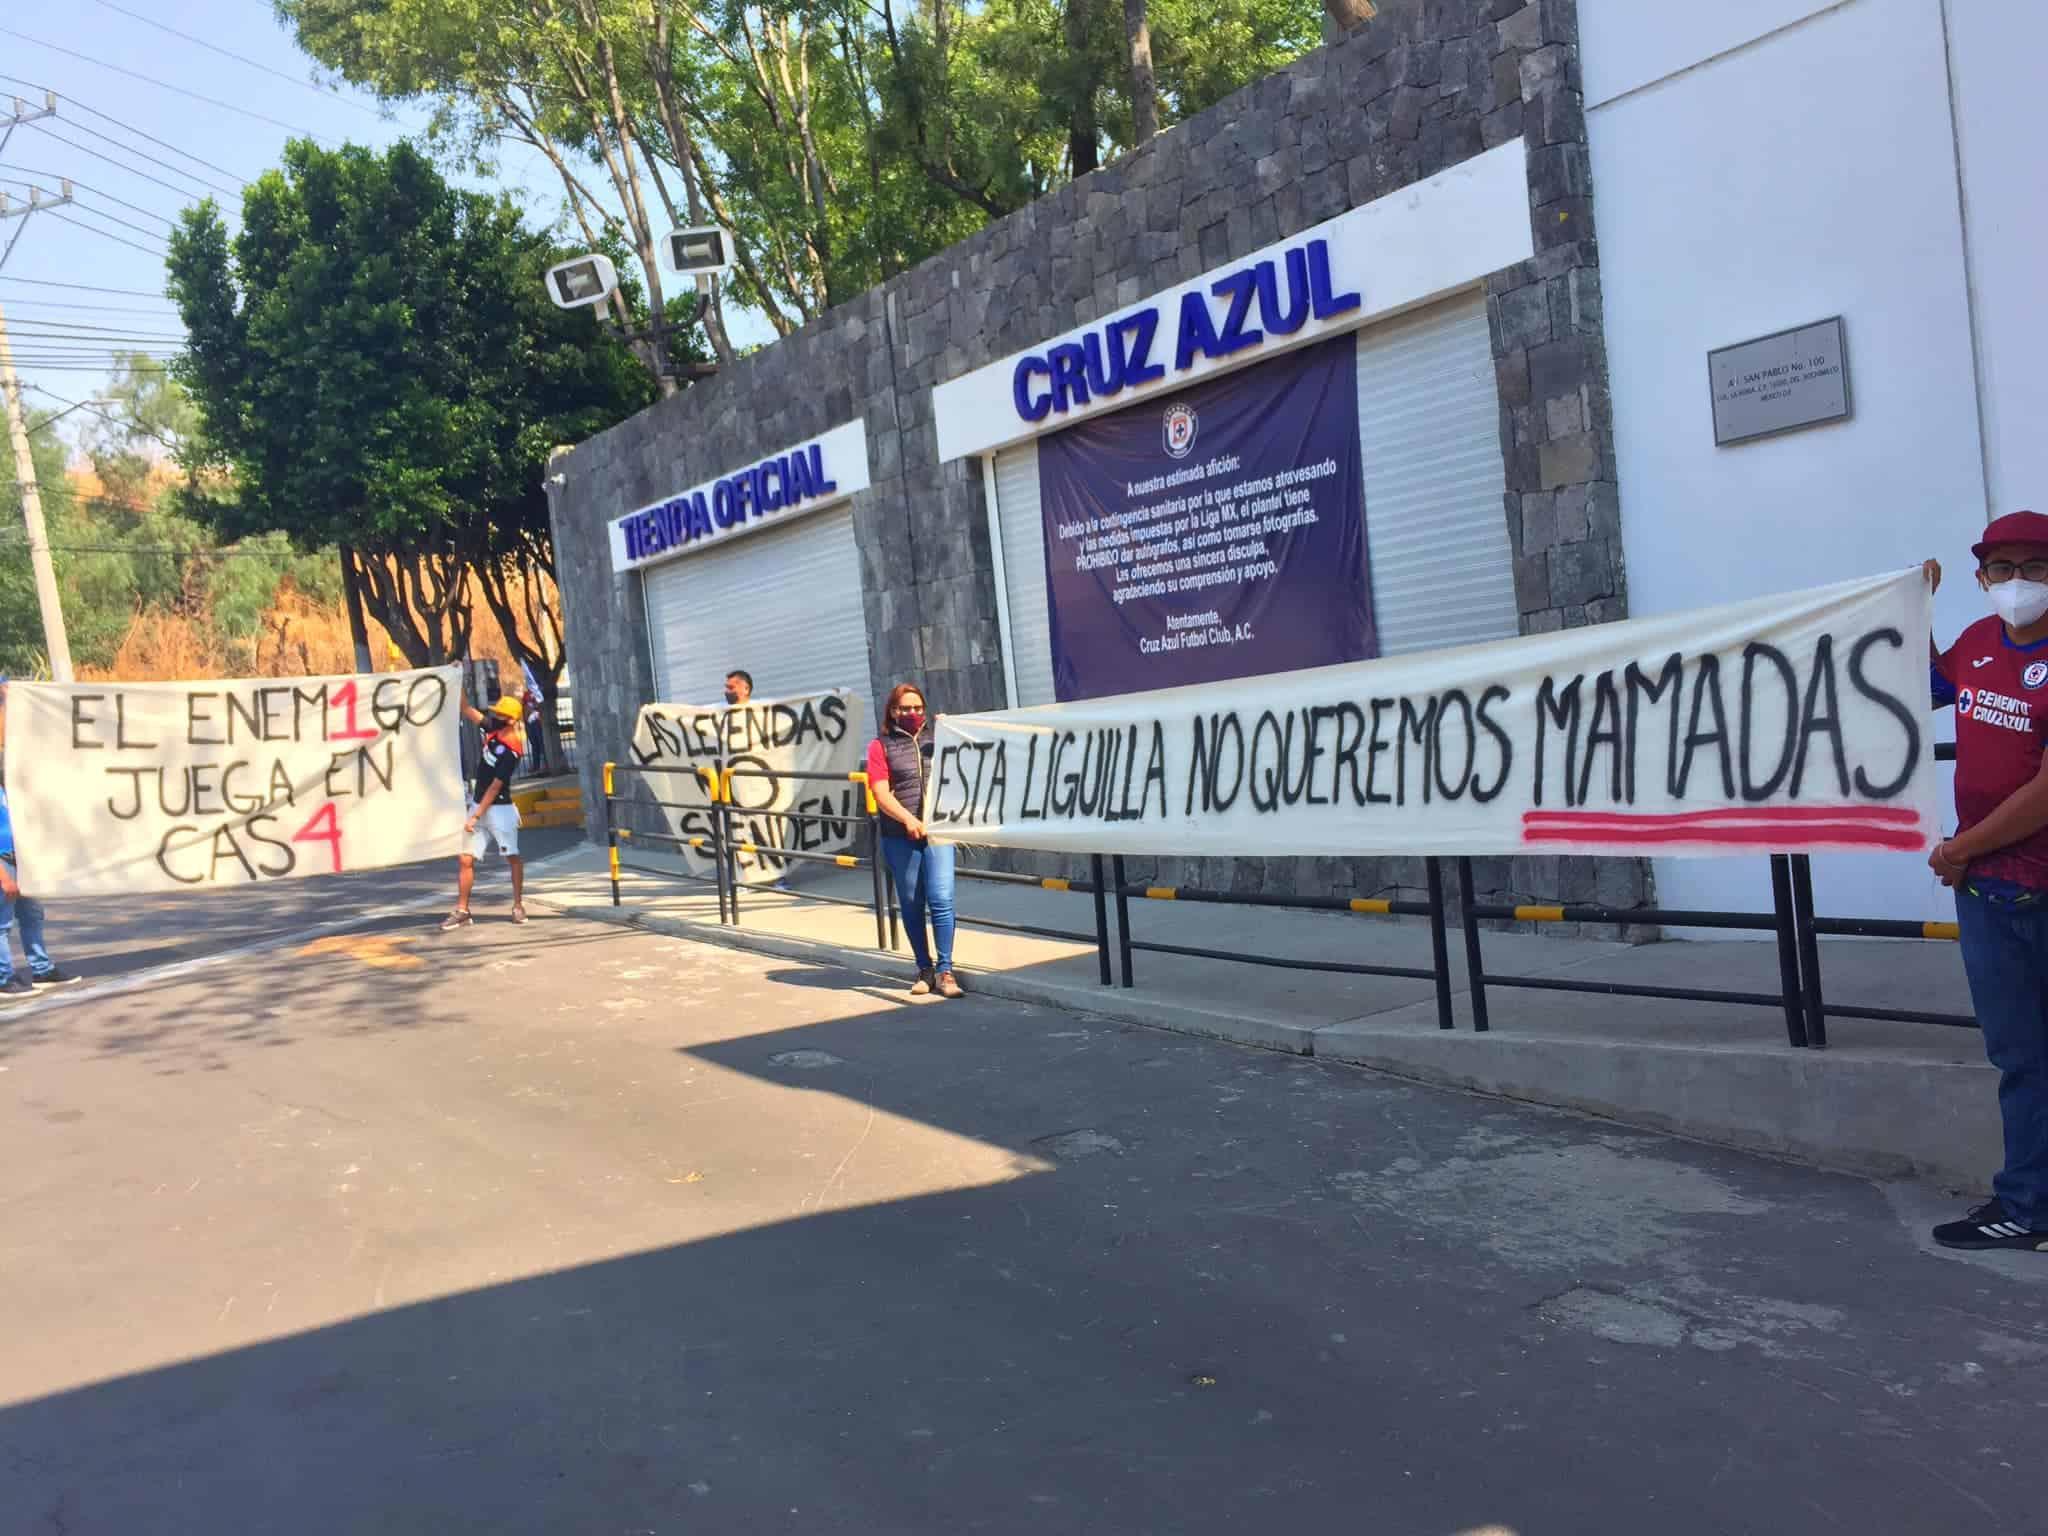 Aficionados tunden a Cruz Azul en La Noria